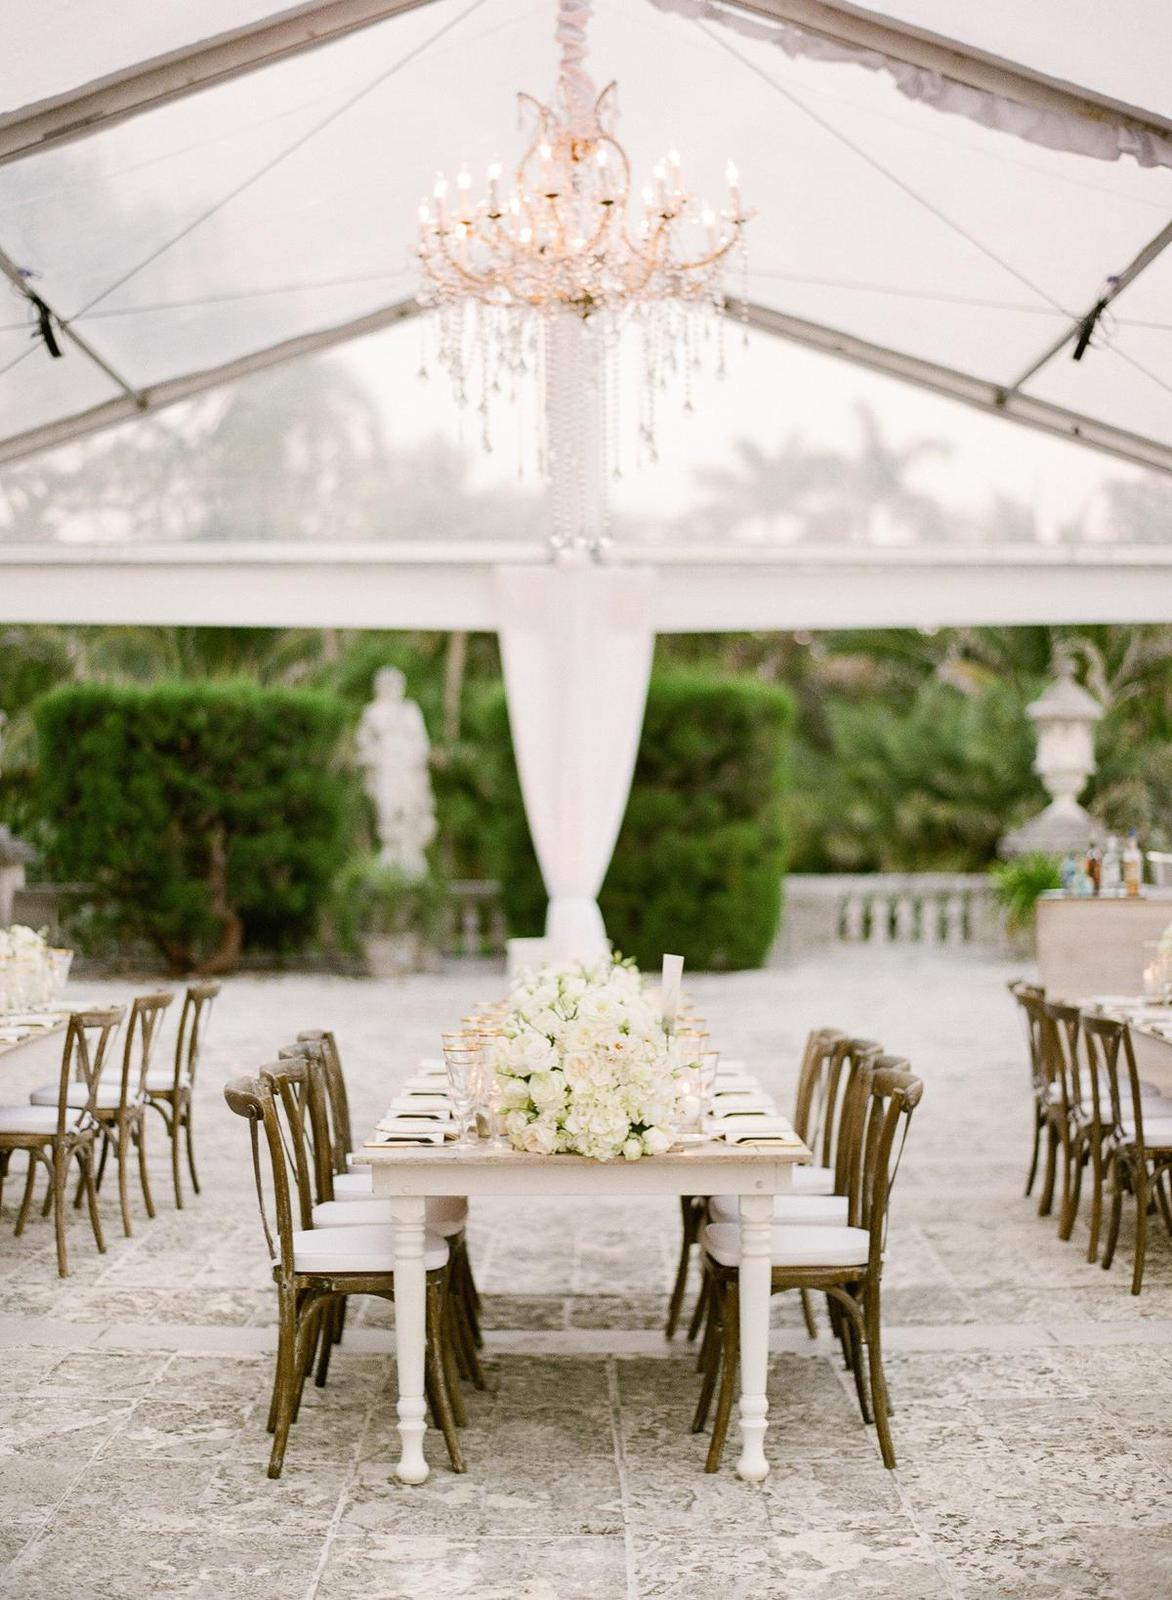 Inšpirácie na svadobné stolovovanie - Obrázok č. 9